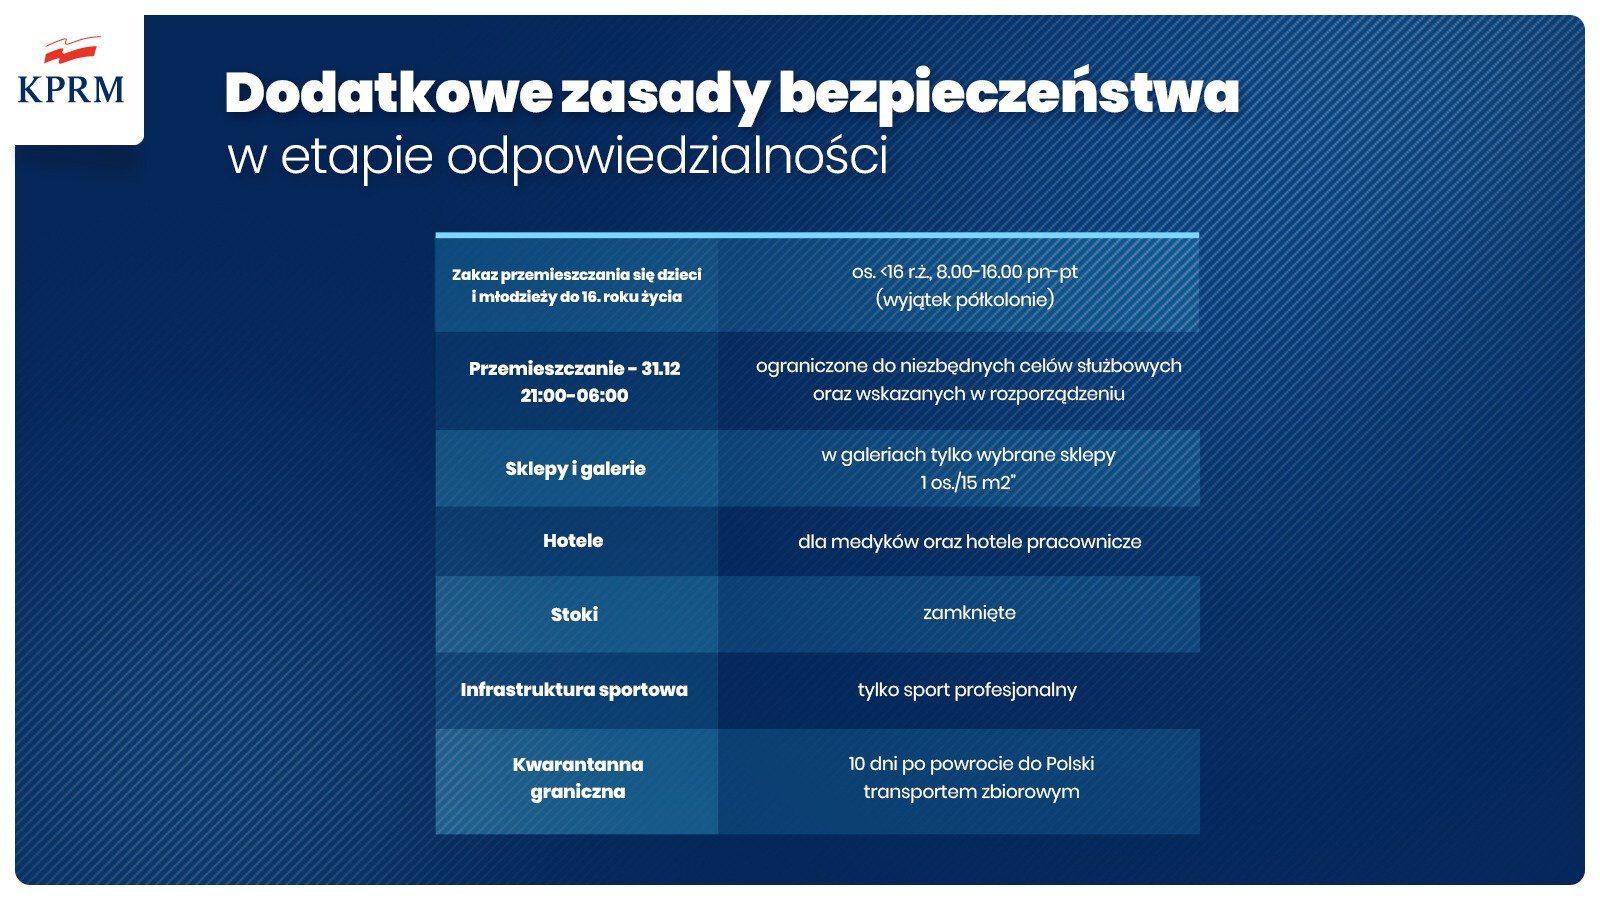 Zaostrzone zasady bezpieczeństwa COVID19 w okresie od 28 grudnia 2020 do 17 stycznia 2021